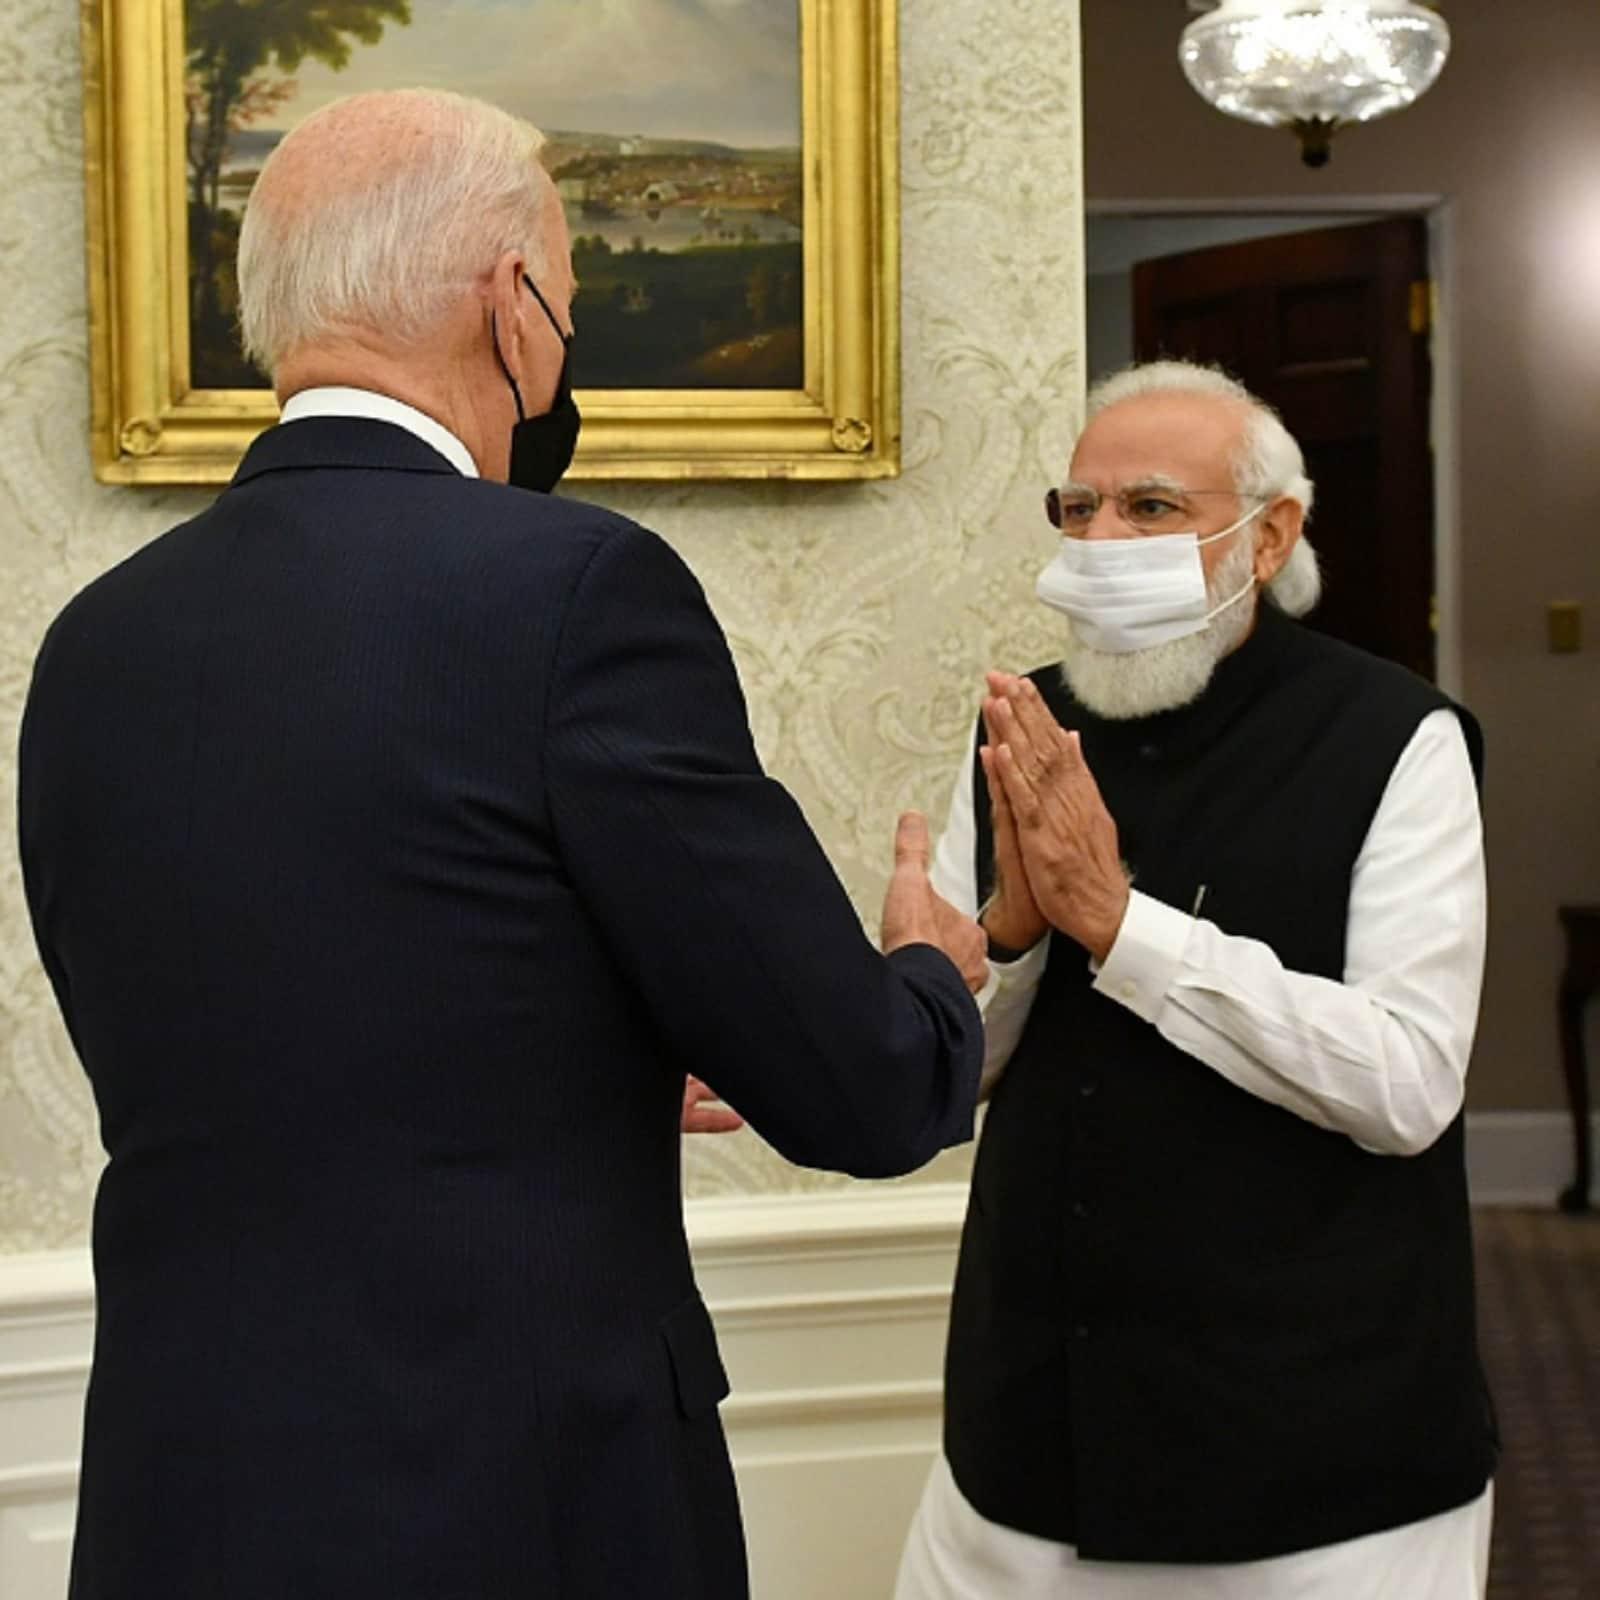 प्रधानमंत्री नरेंद्र मोदी ने अमेरिकी राष्ट्रपति जो बाइडन से कहा, 'व्यापार के क्षेत्र में बहुत कुछ करना है. आने वाले दशक में भारत-अमेरिका संबंधों में व्यापार एक महत्वपूर्ण कारक होगा.'